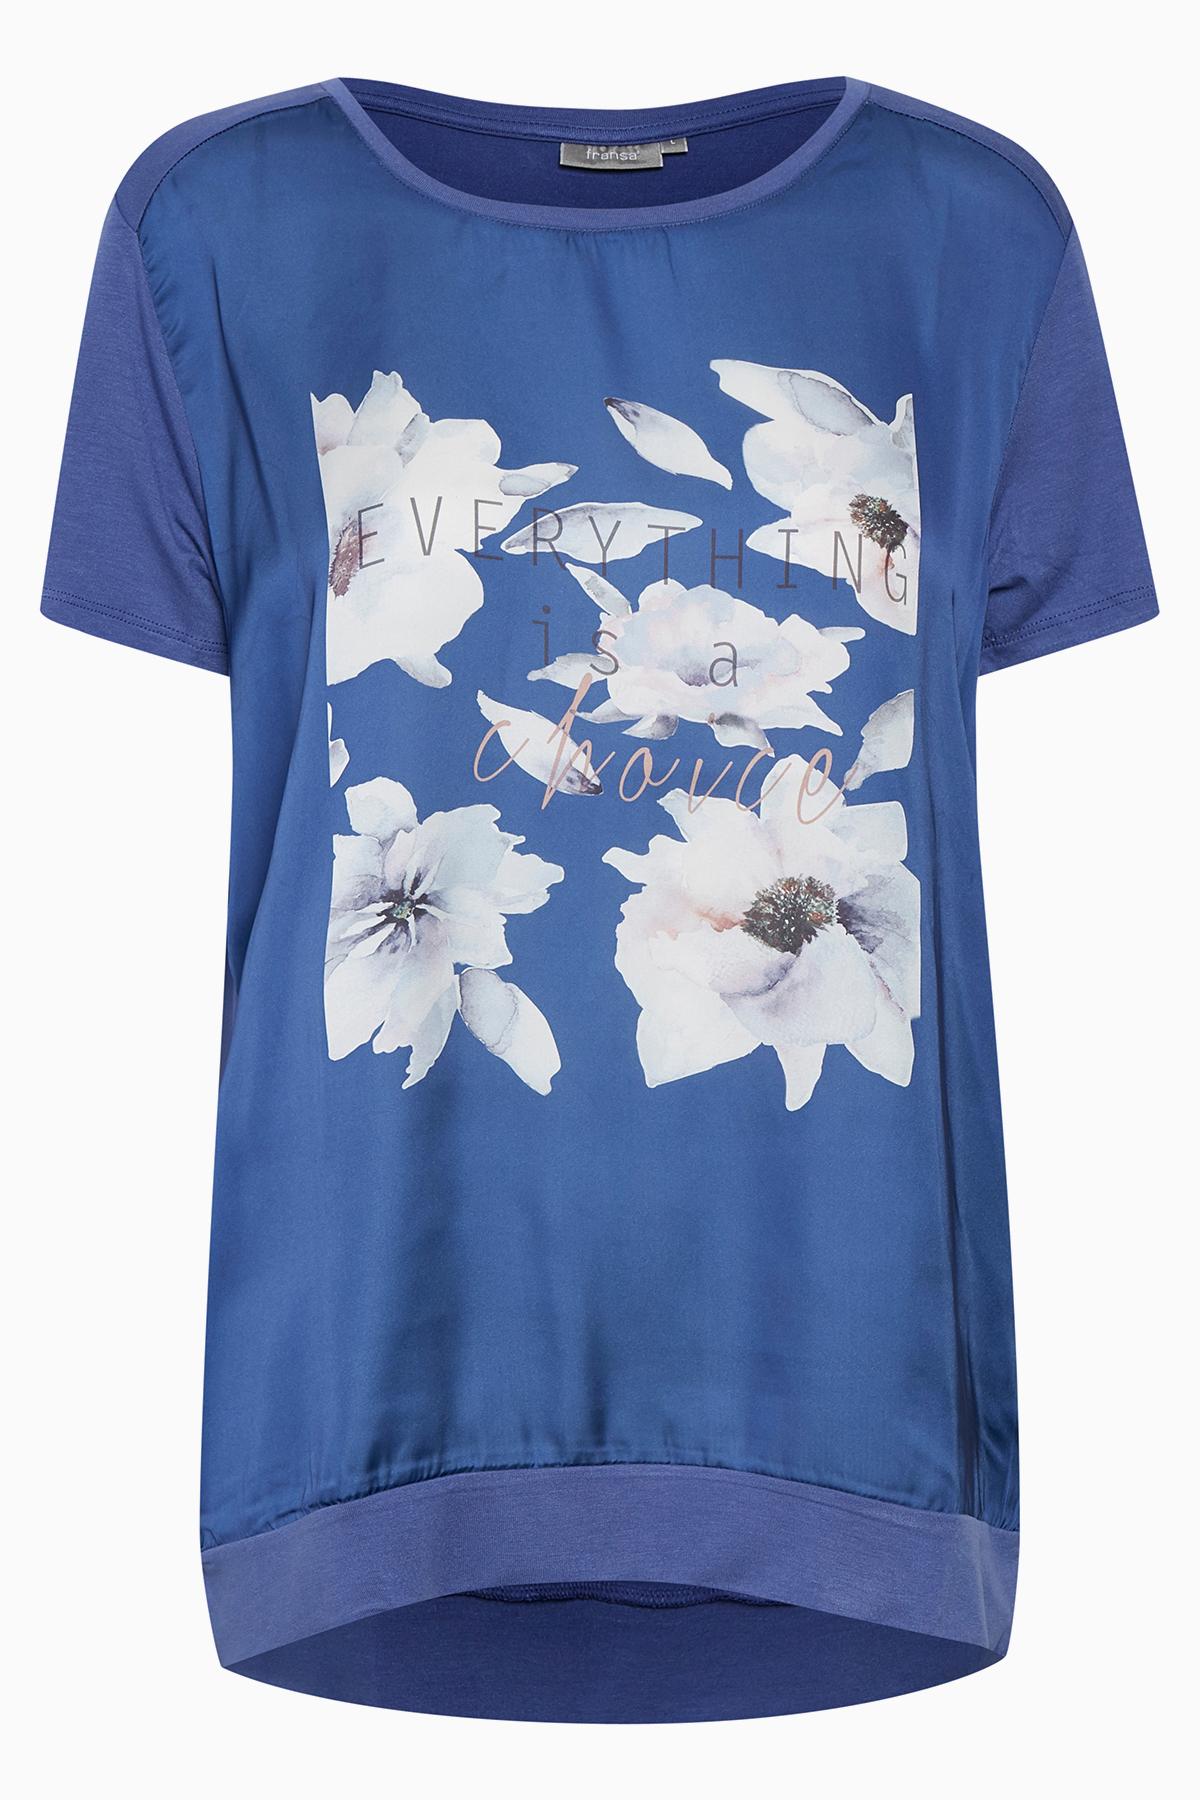 Image of Fransa Dame Fin Nigiflower T-shirt - Blå